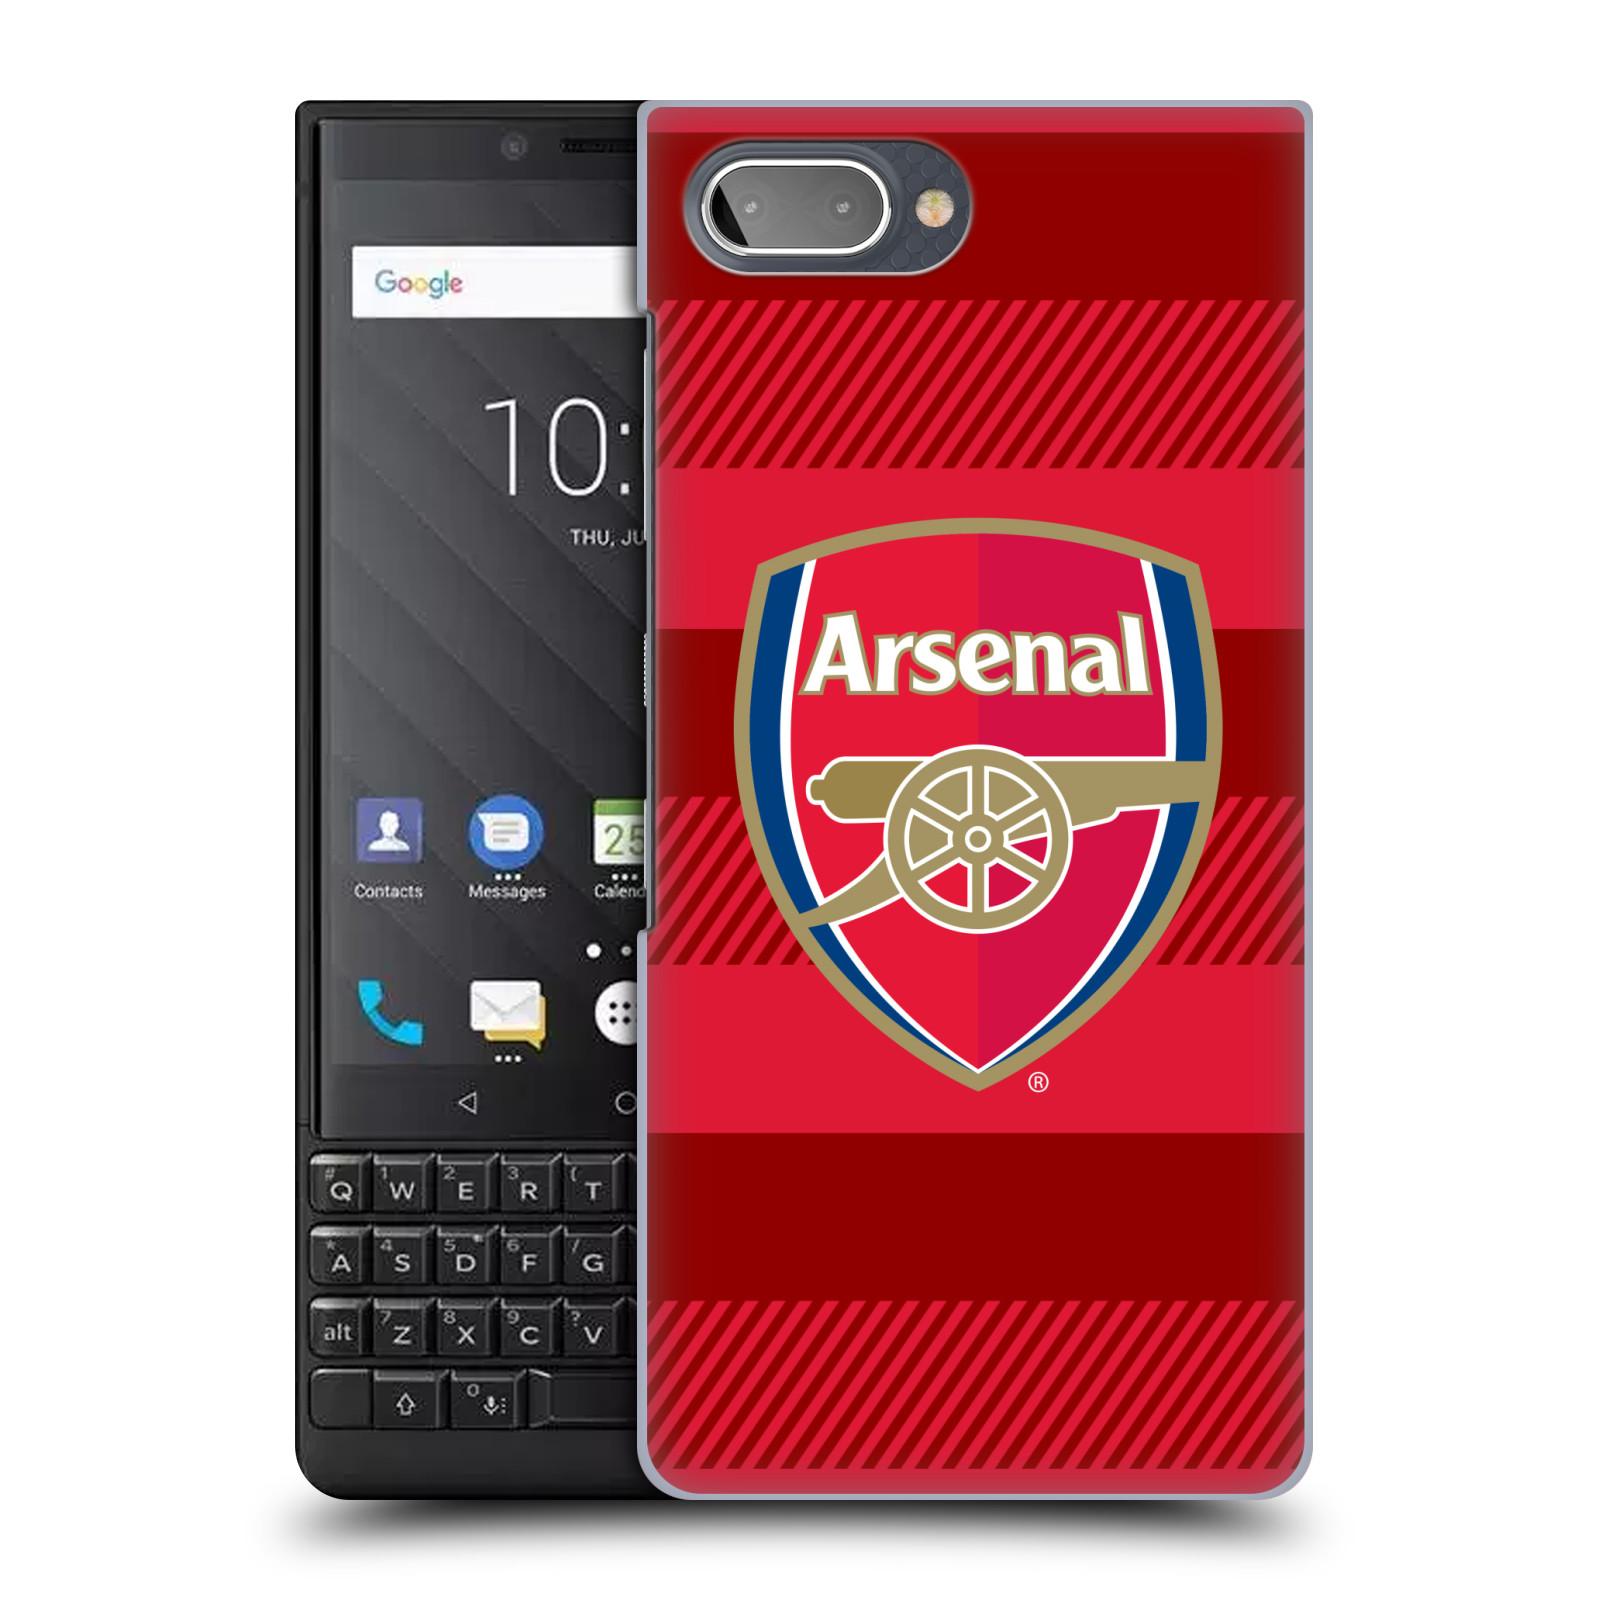 Plastové pouzdro na mobil Blackberry Key 2 - Head Case - Arsenal FC - Logo s pruhy